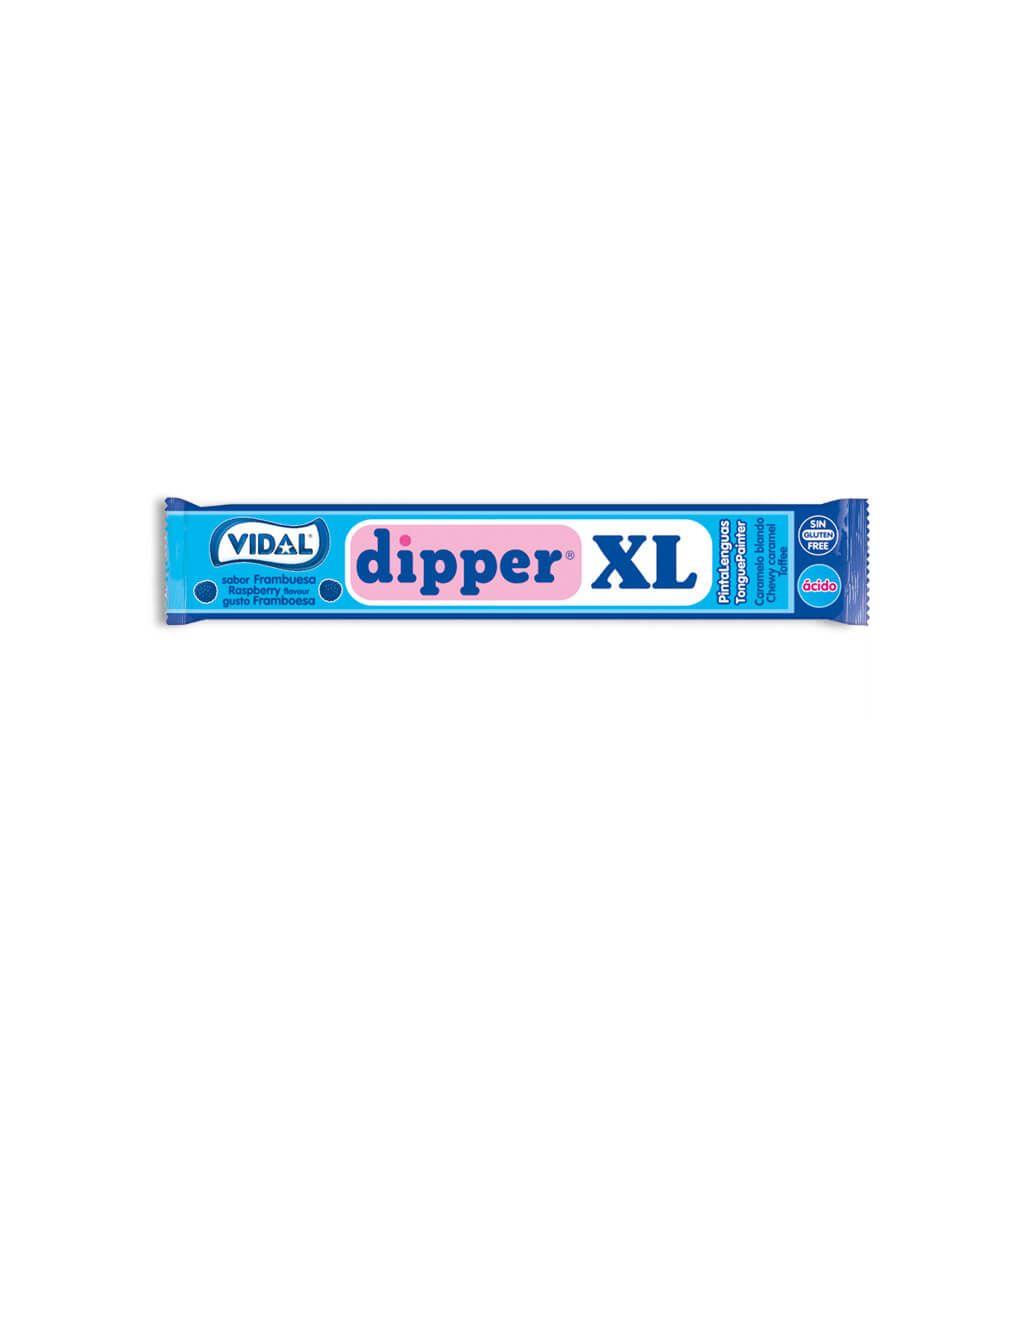 Dipper XL Frambuesa 10 estuches de 157g